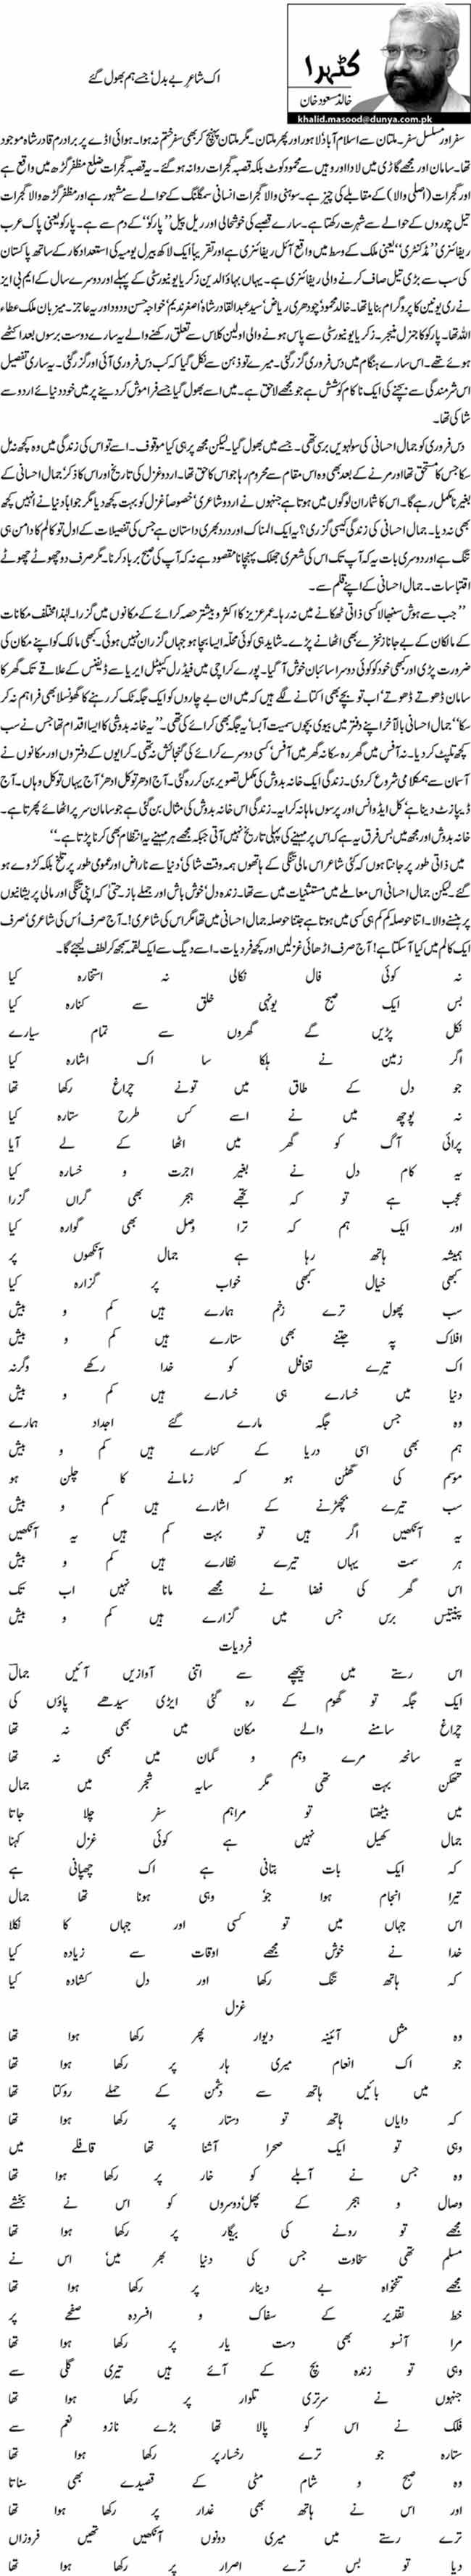 اک شاعرِ بے بدل' جسے ہم بھول گئے